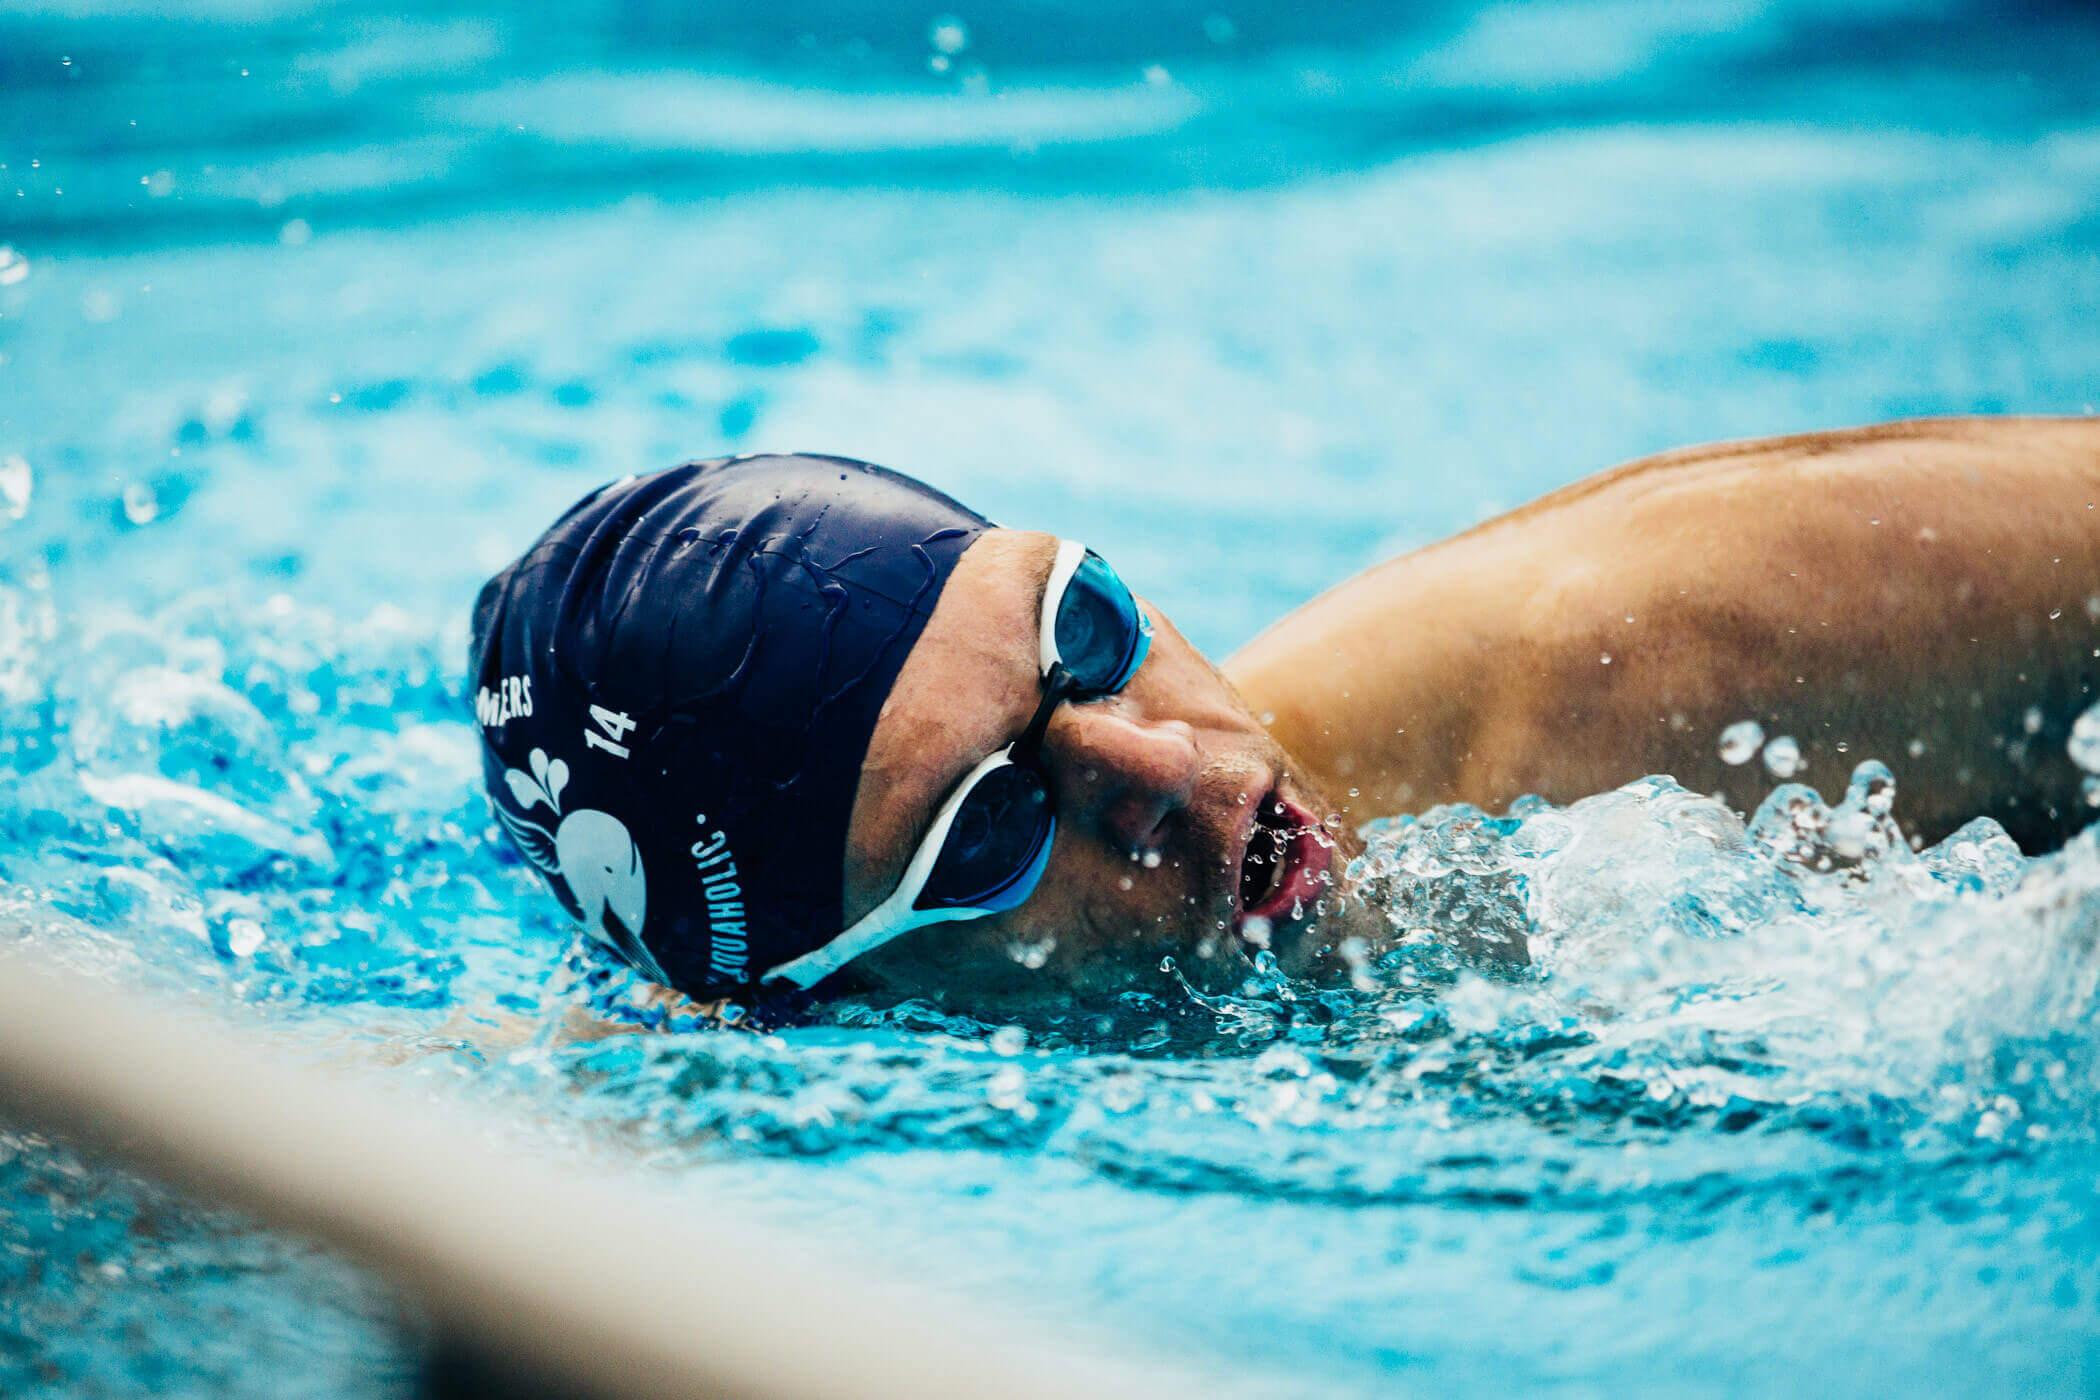 Das Schwimmen klappt schon wieder richtig gut